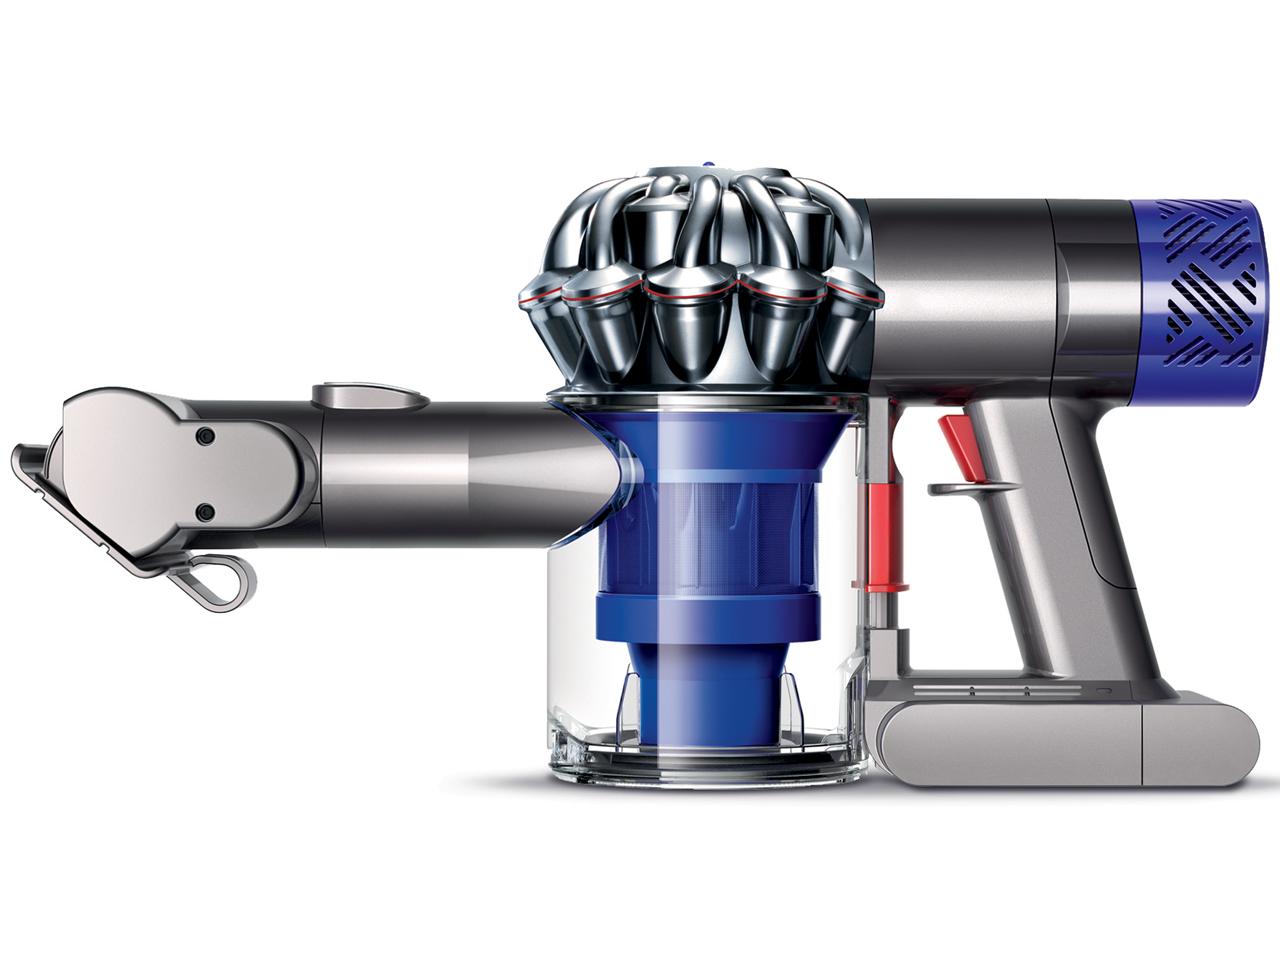 発売日:2015年5月21日 送料無料 Dyson 国産品 V6 Trigger ブルー サイクロン式布団クリーナー 特価キャンペーン コードレス ニッケル HH08MH